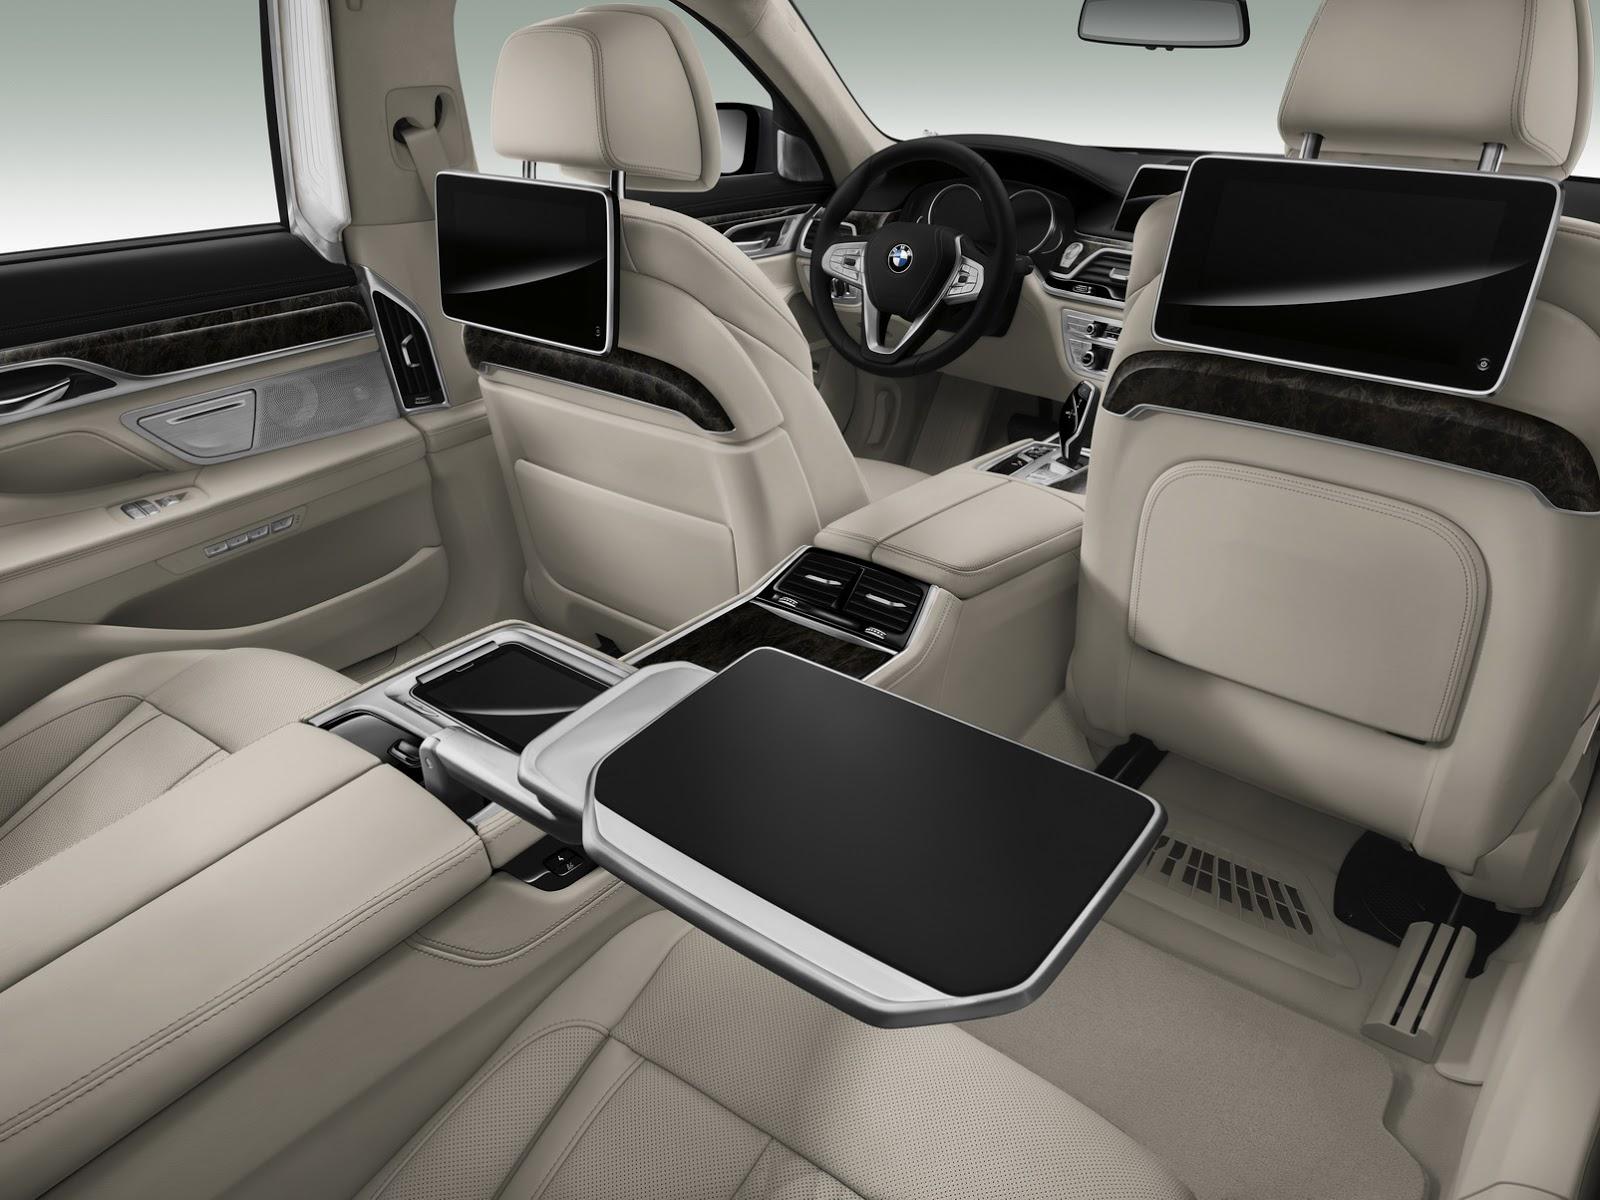 2016-BMW-7-Series-New56 புதிய பிஎம்டபிள்யூ 7 சீரிஸ் அறிமுகம்